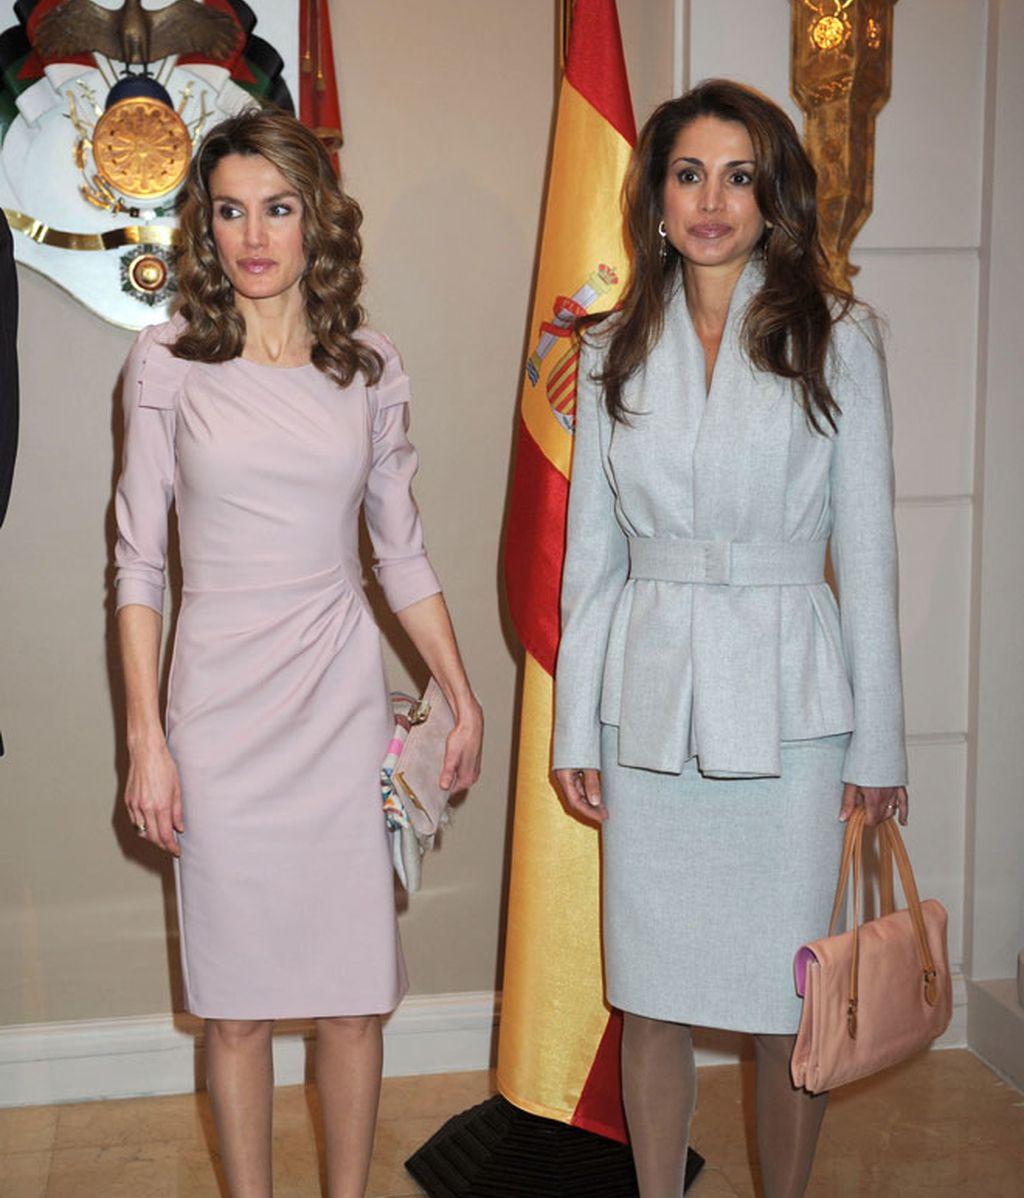 Las fotos del encuentro de Letizia y Rania